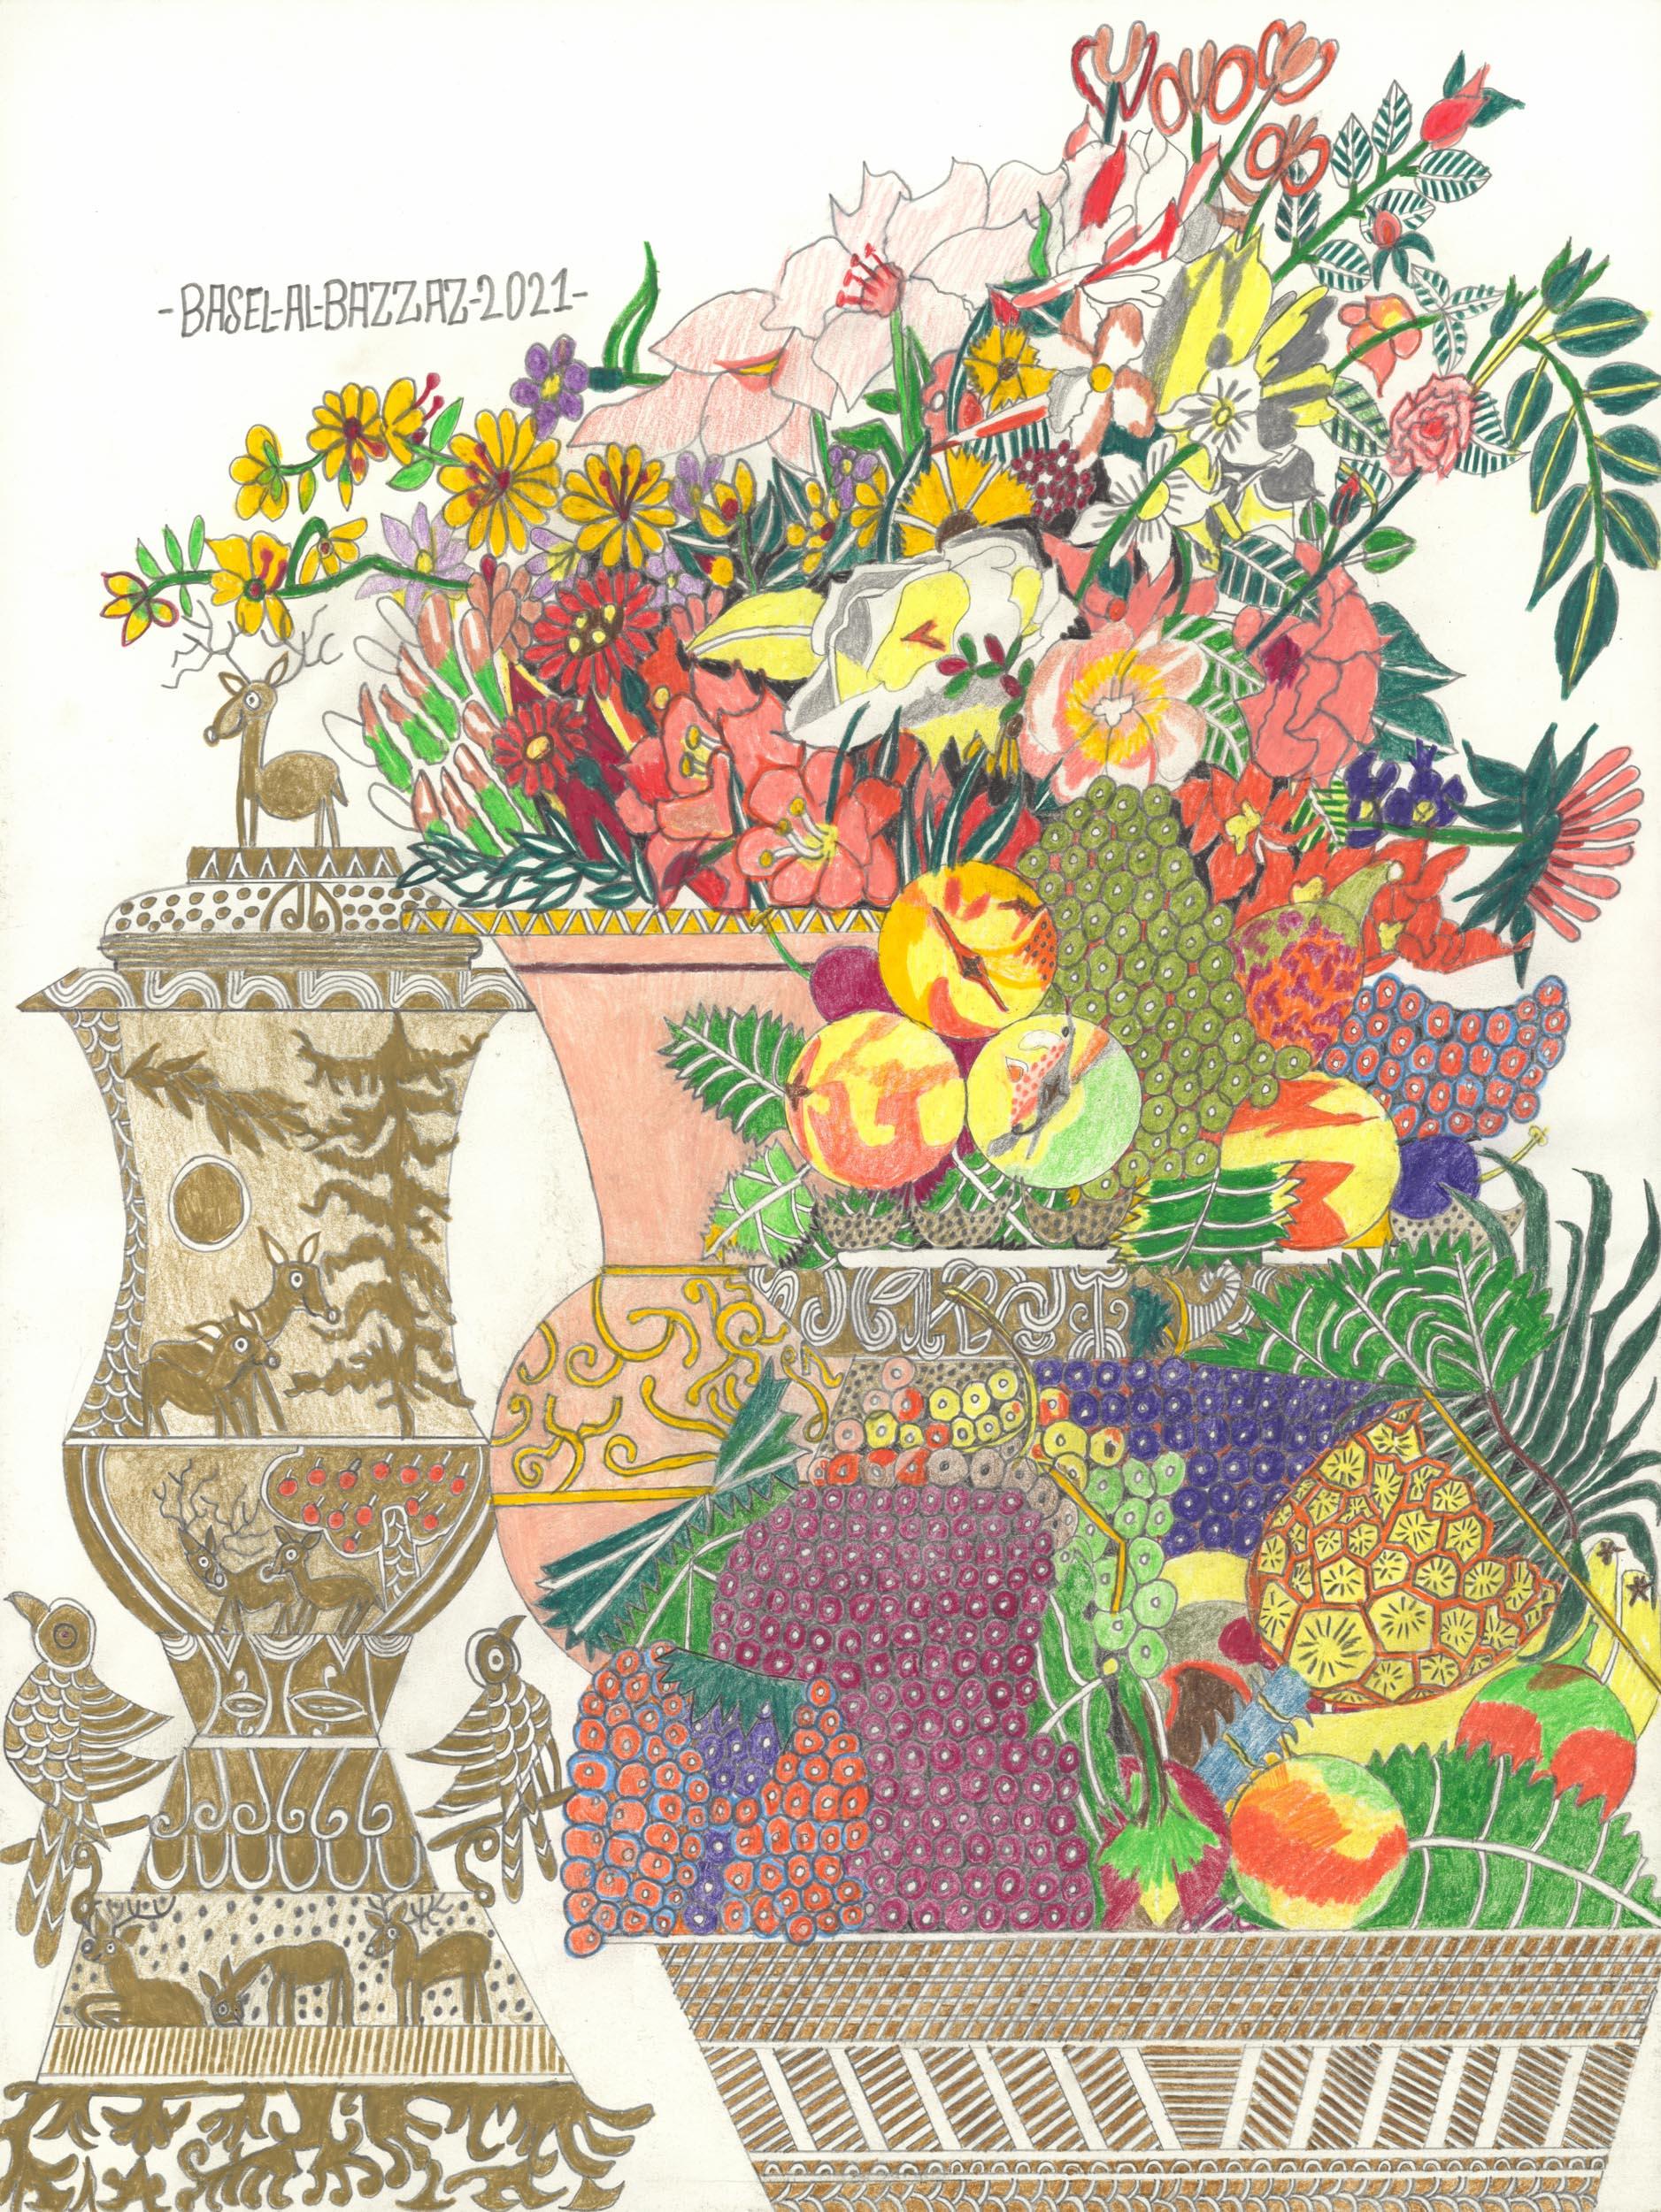 al-bazzaz basel - blumen und früchte/flowers and fruits